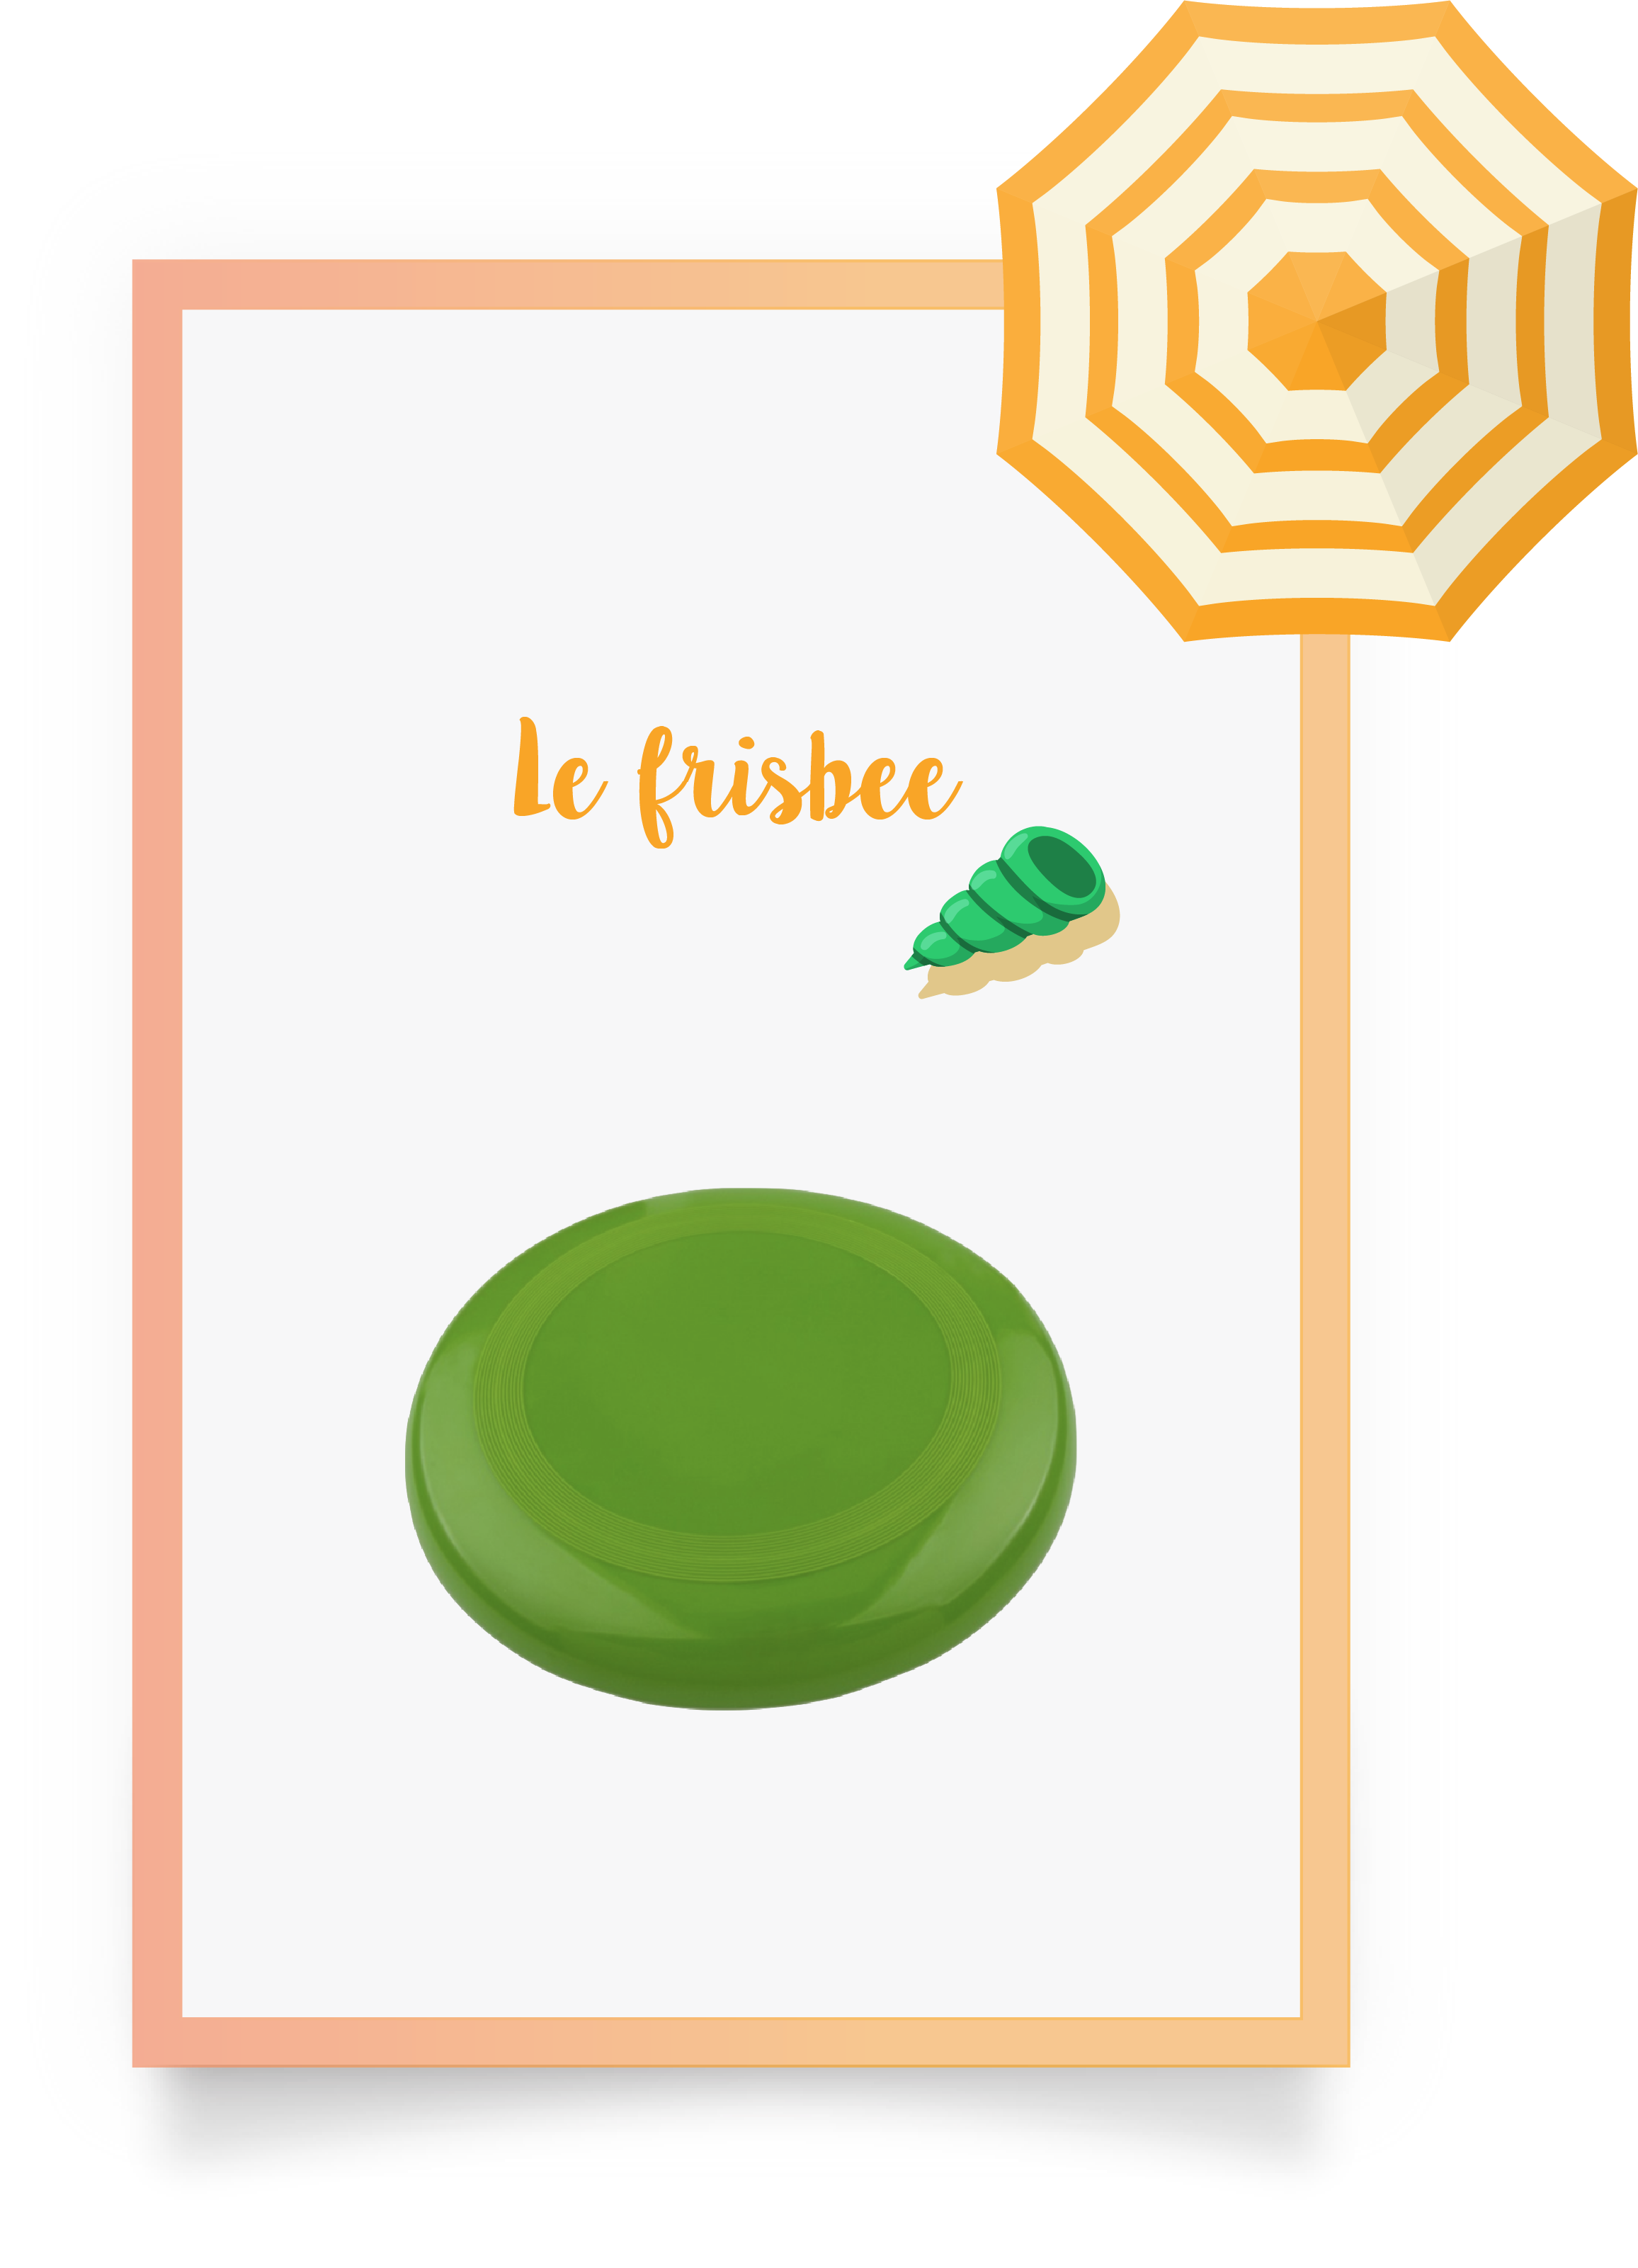 frisbee visuel juillet